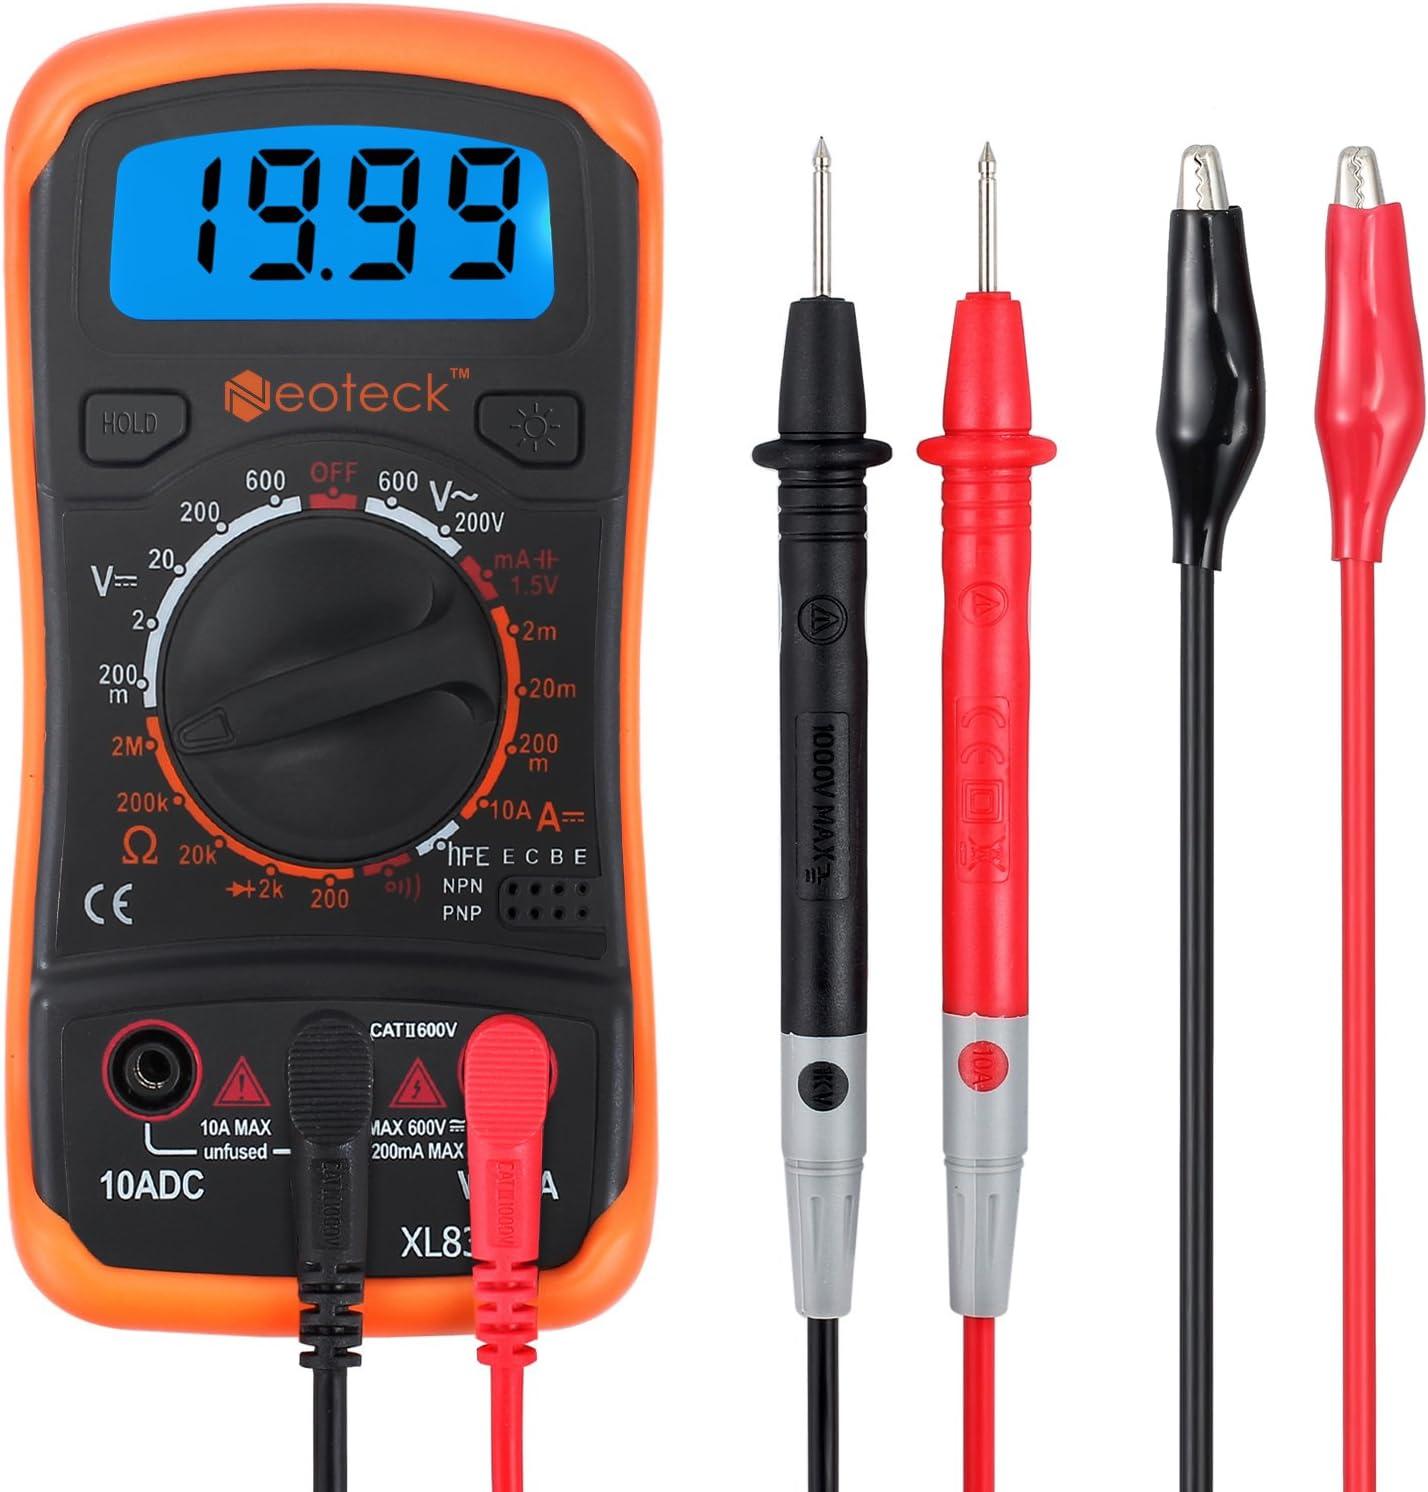 Neoteck MultÍmetro Digital Multi Tester Voltímetro Amperímetro Ohmímetro AC/DC Diodos de Resistencia Transistor Audible Continuidad Probador con retroiluminación LCD para Fábrica Laboratorio